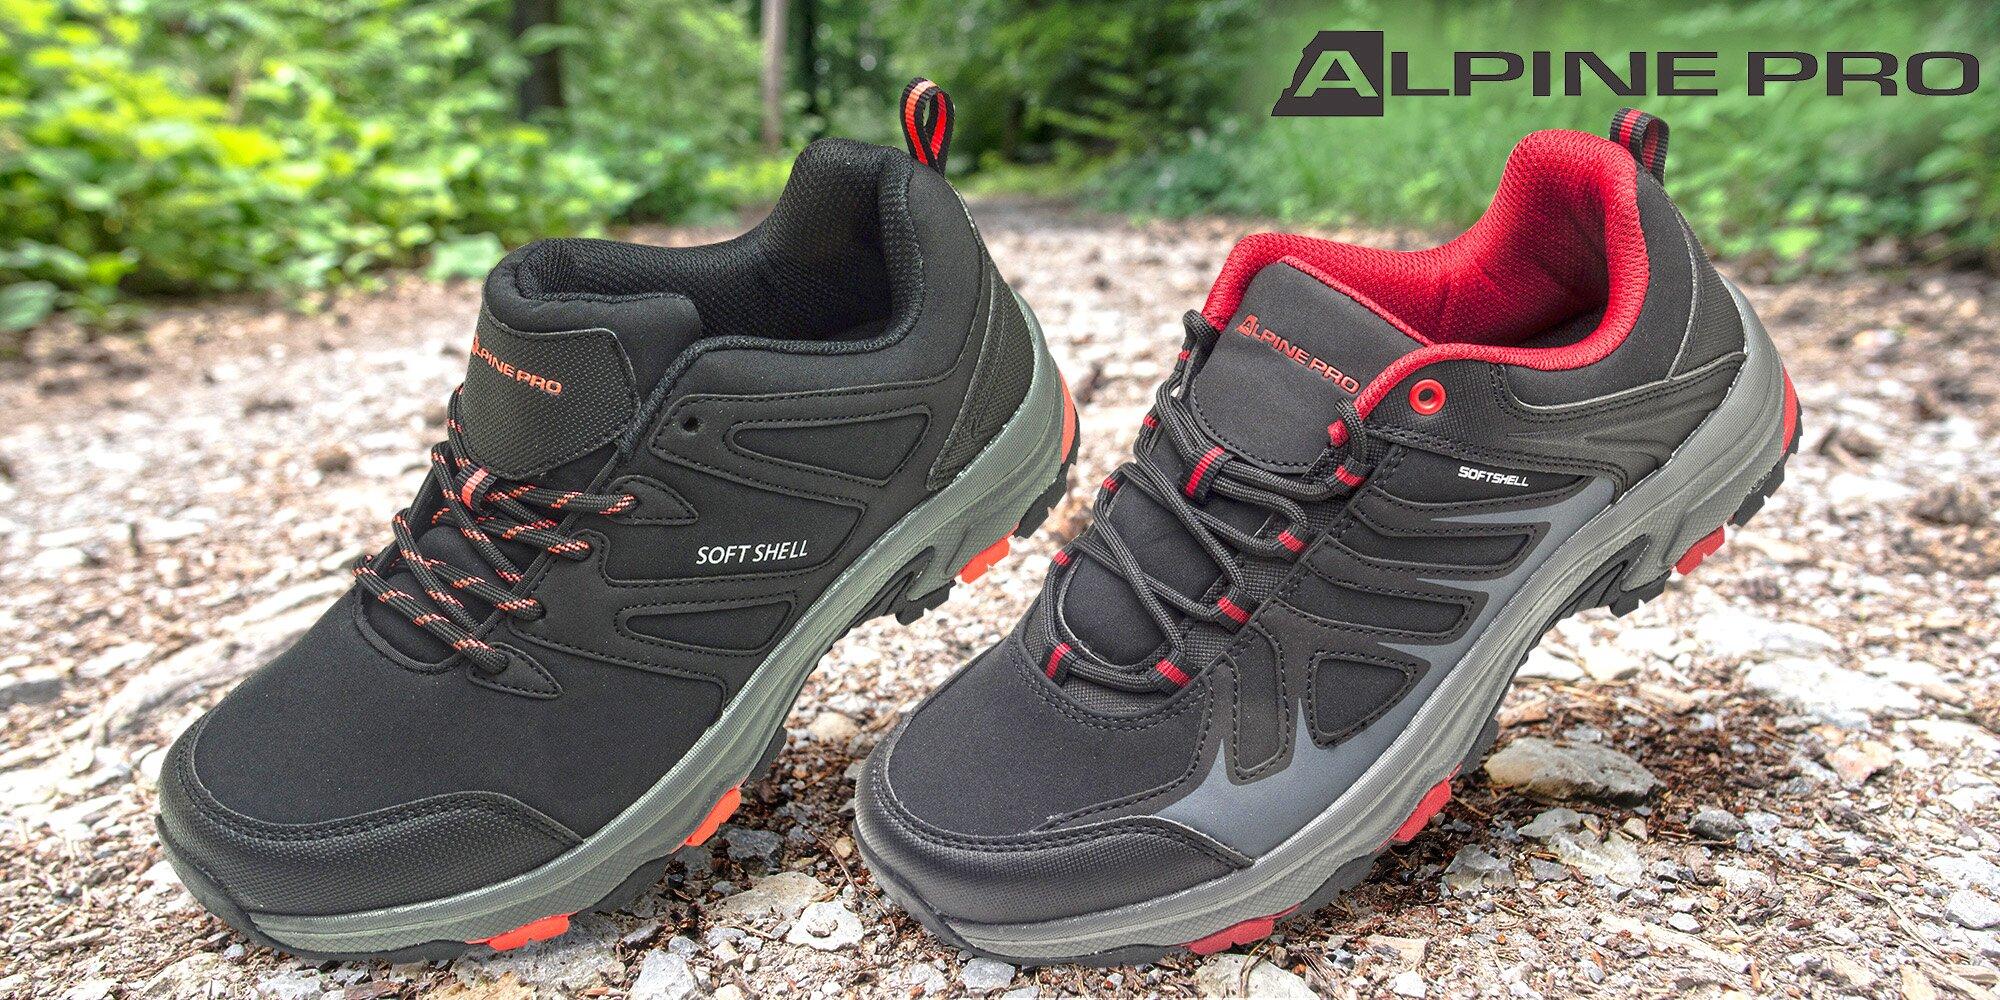 fef5c1cb5601f Pohodlná športová softshellová obuv Alpine Pro   Zlavomat.sk